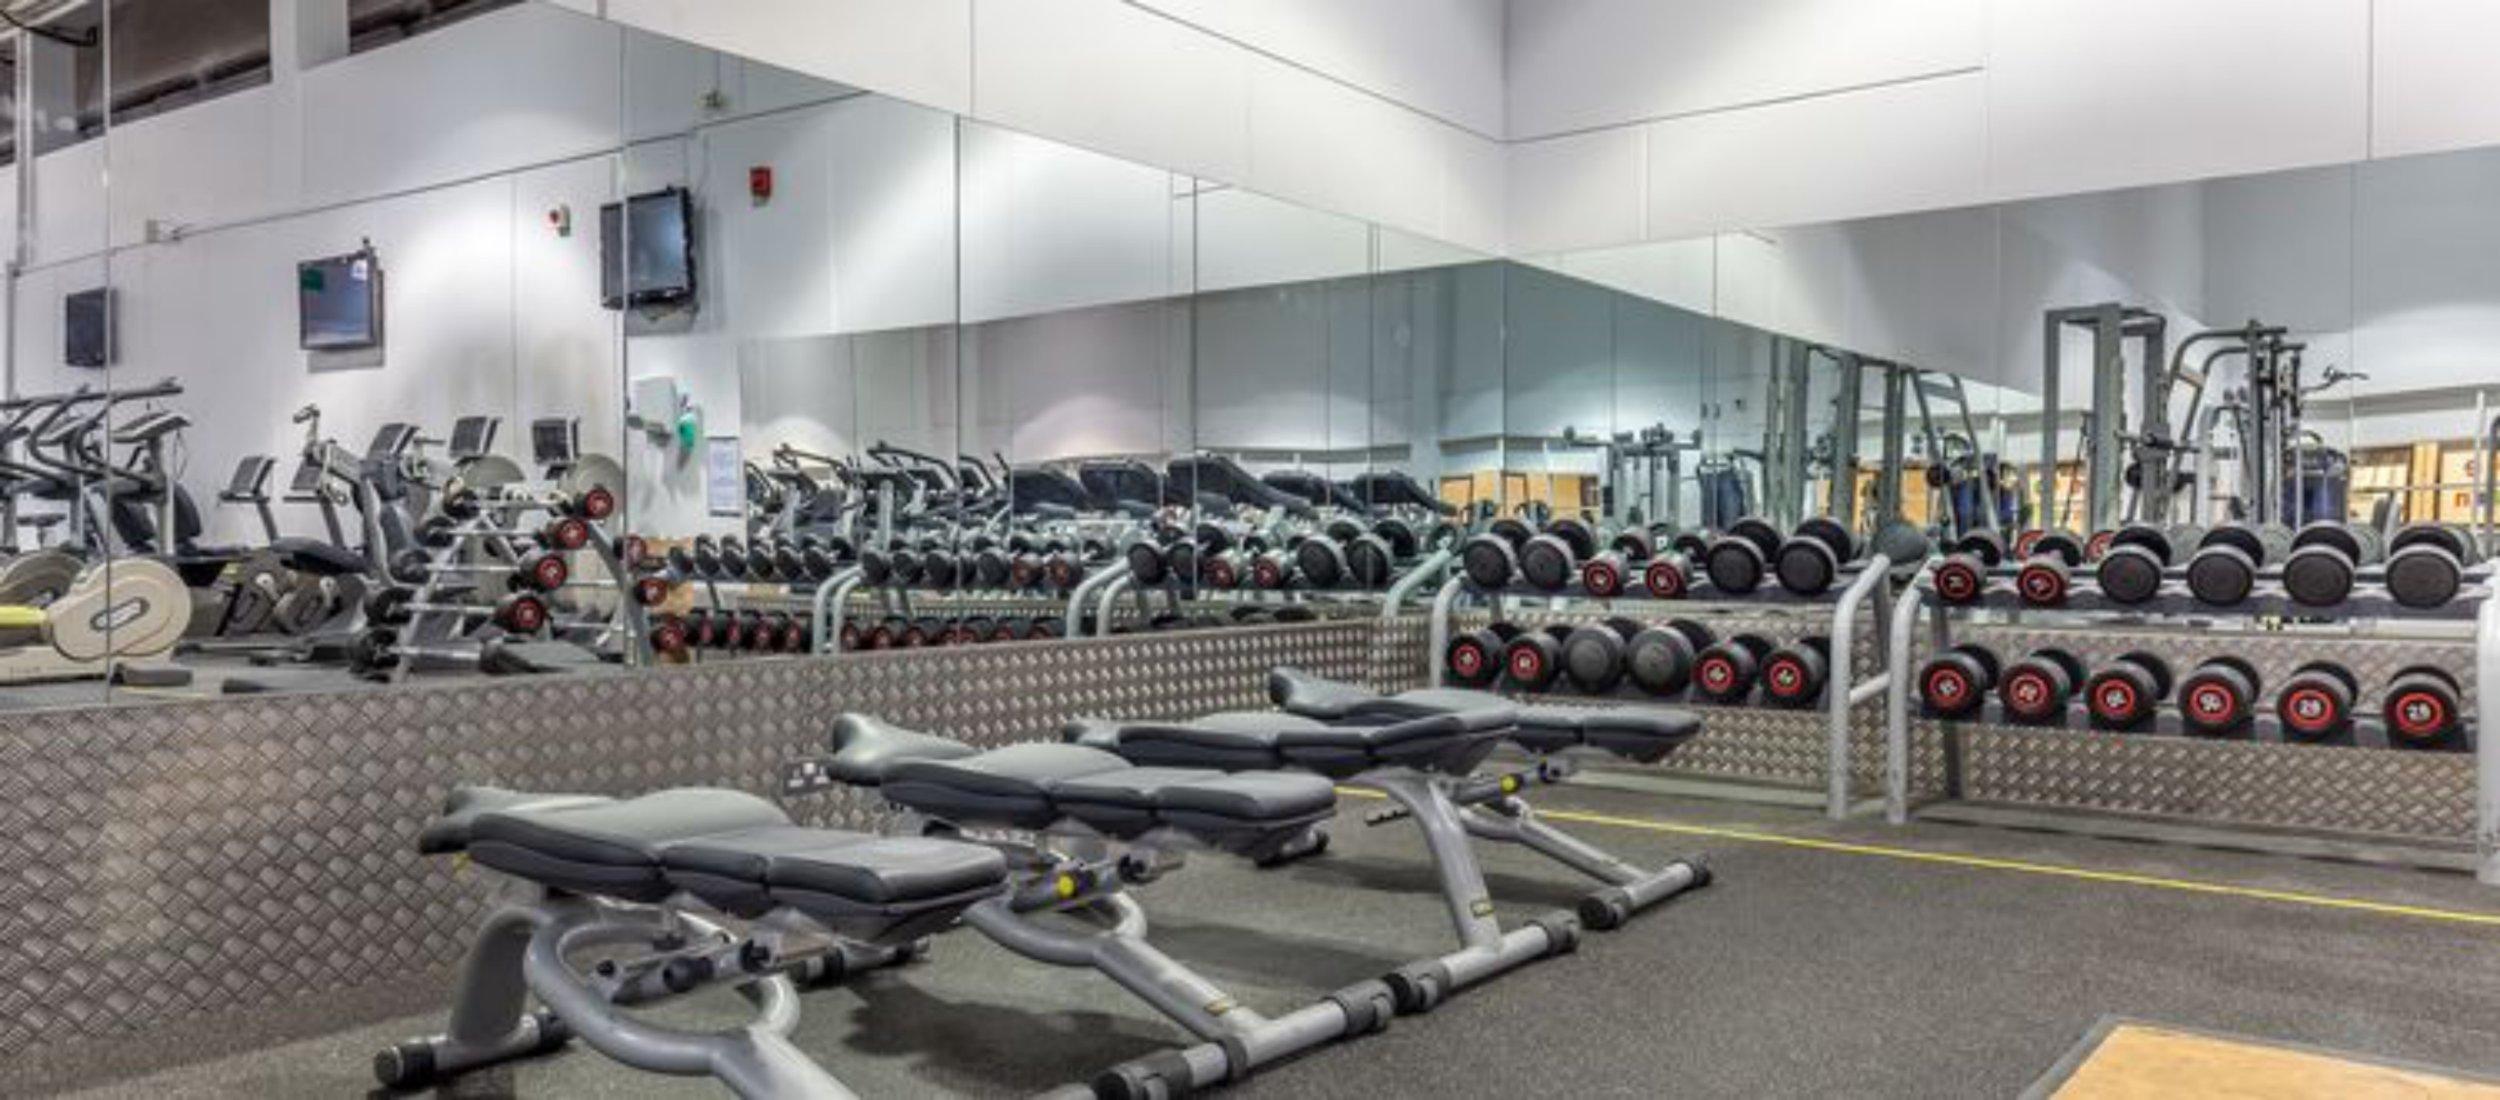 Gym (9).jpg